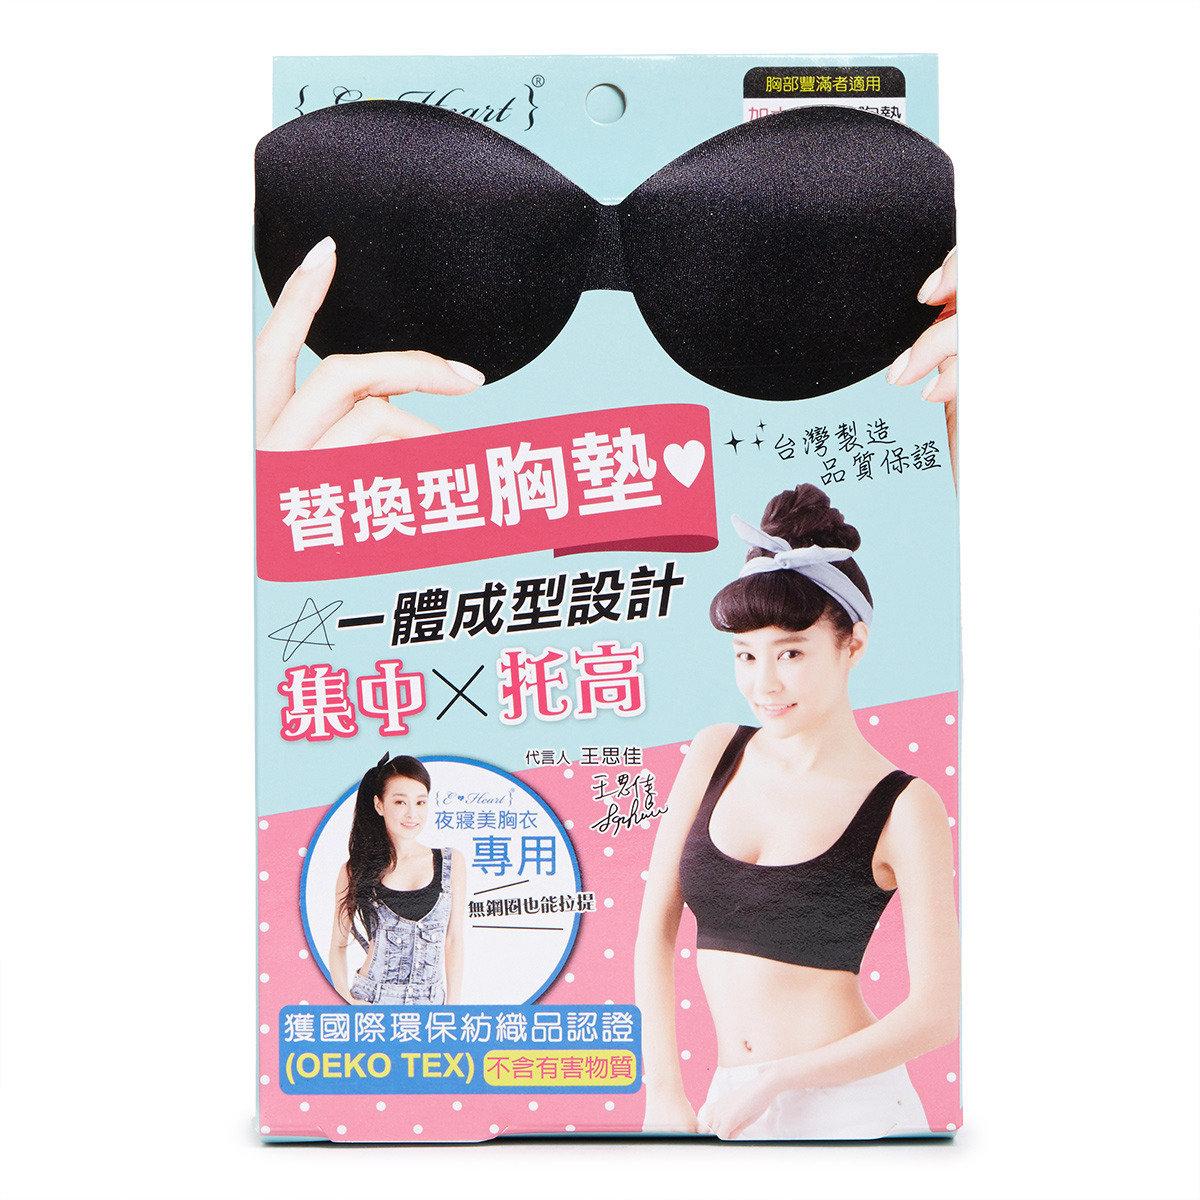 美胸衣專用替換型胸墊(加大款-黑)